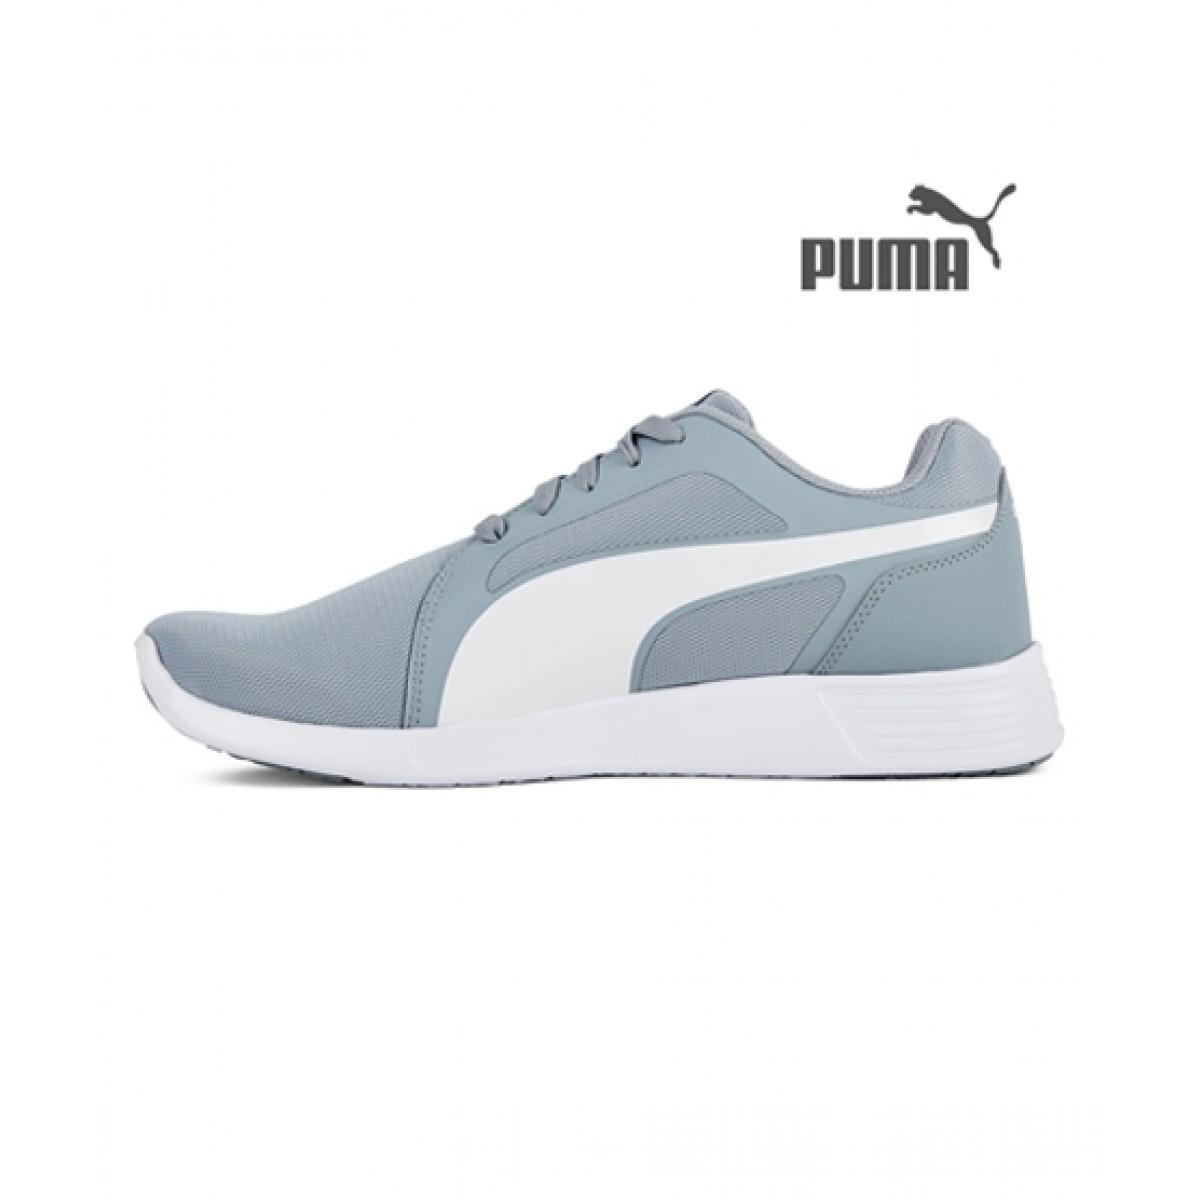 quality design cd0c9 2d77e PUMA Sport Shoes For Men Grey